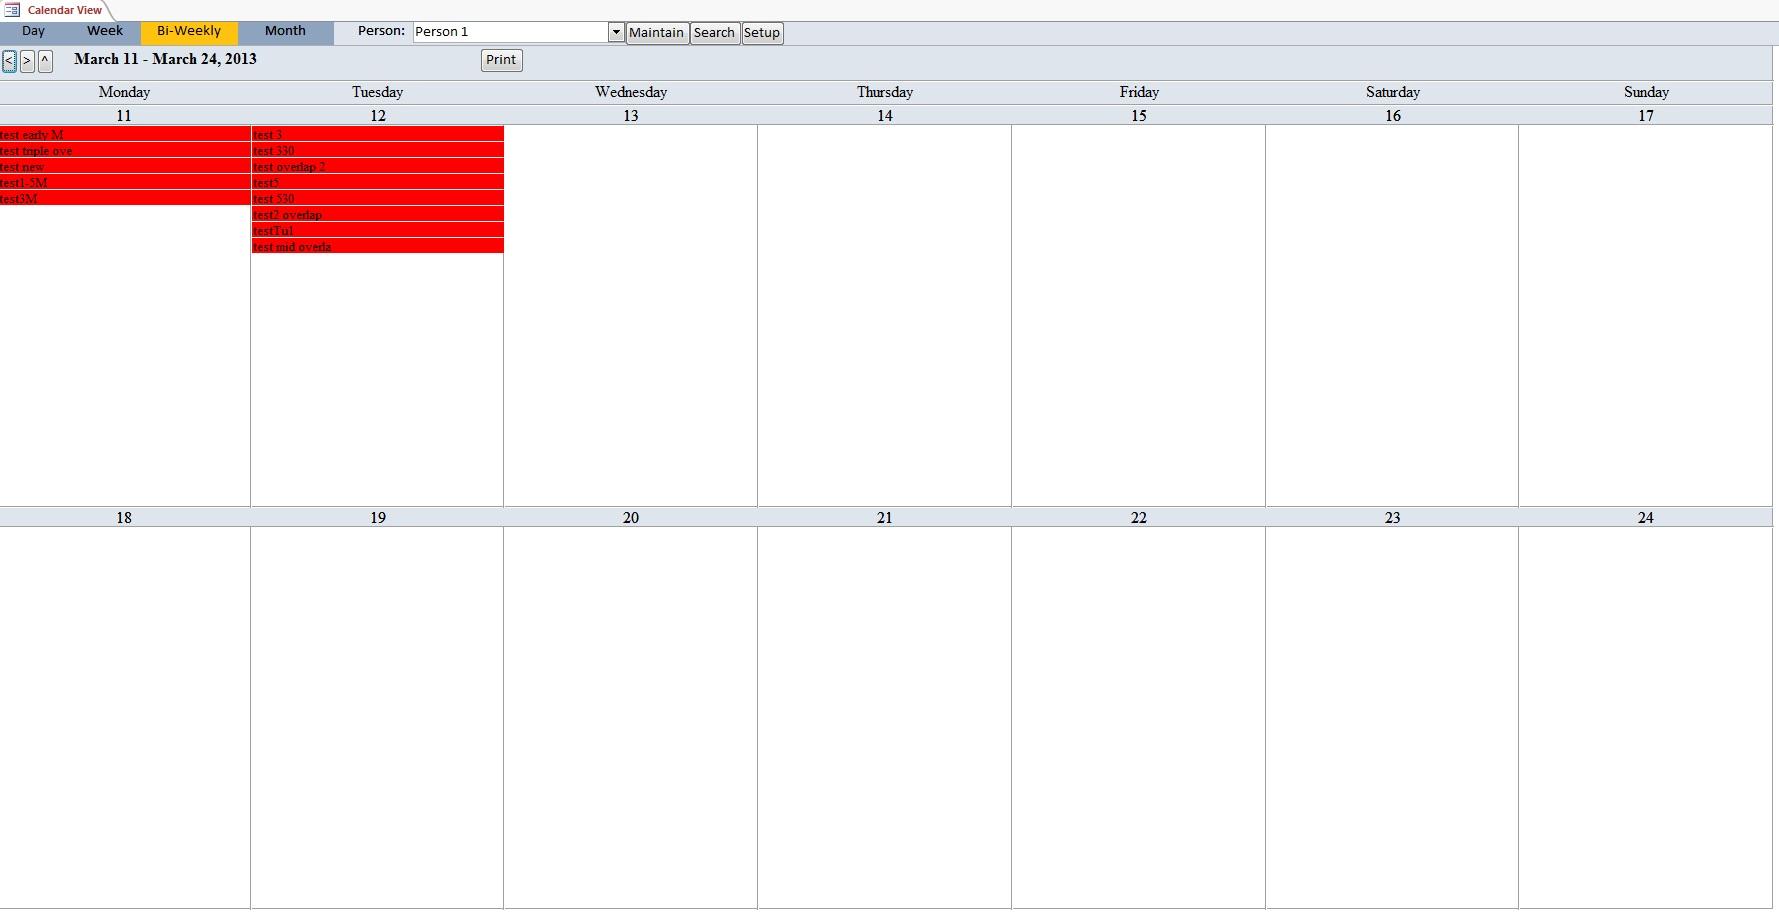 School Calendar Scheduling Template | Scheduling Database